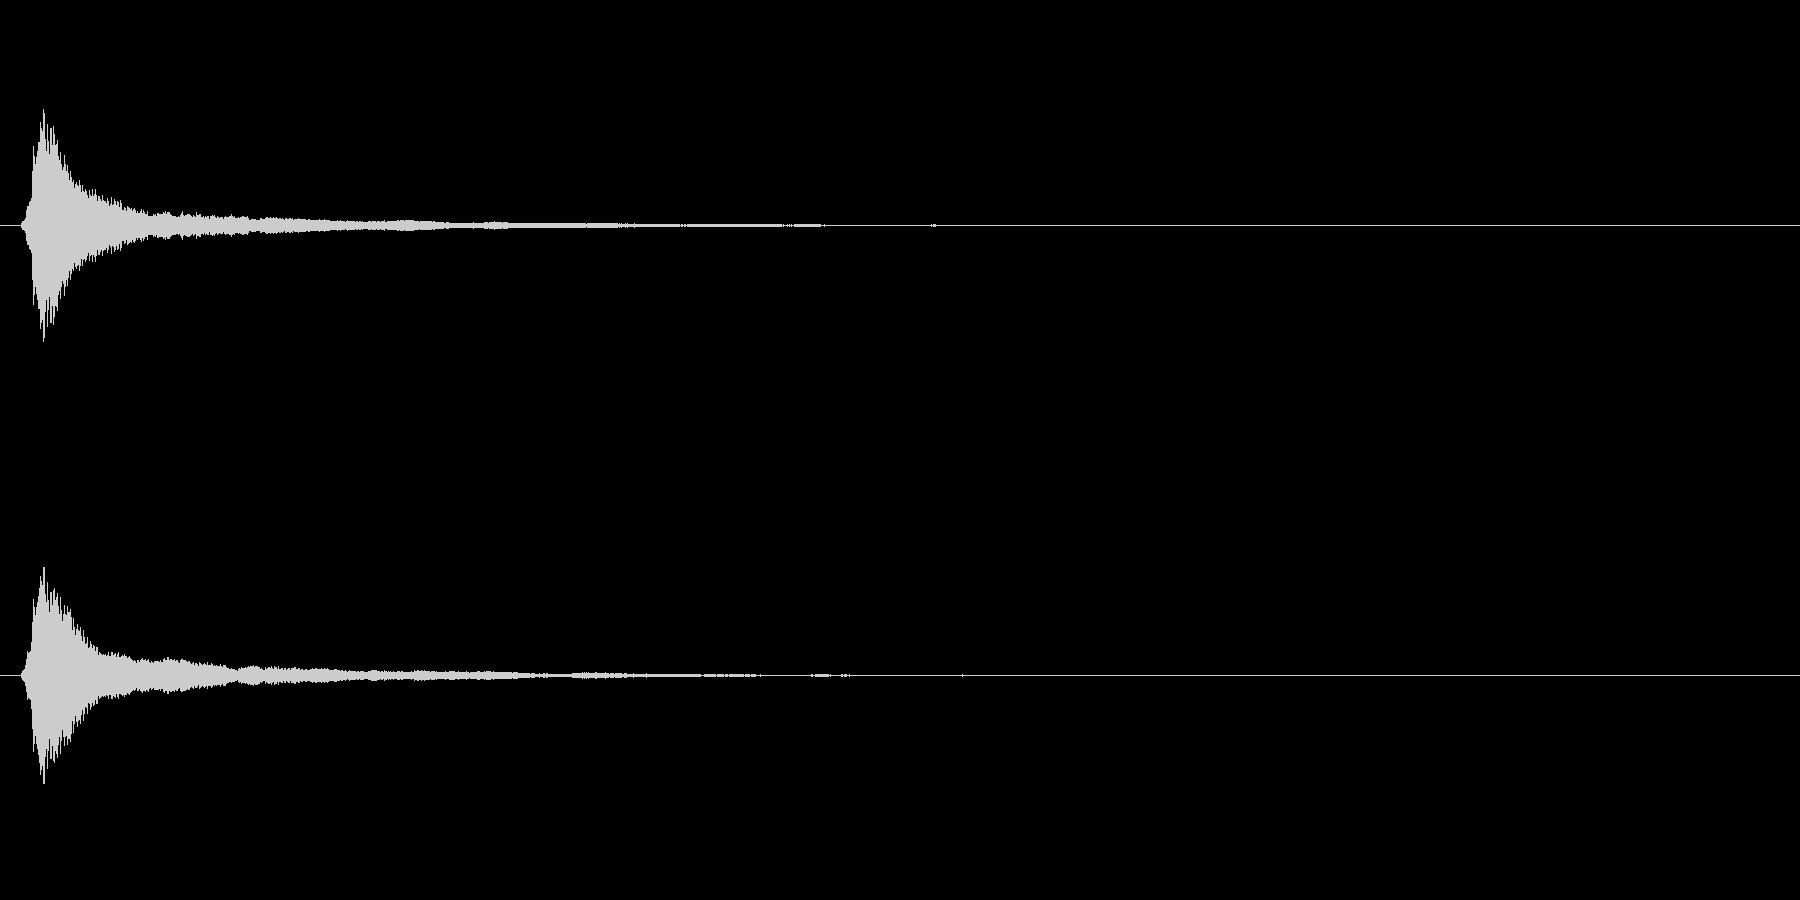 キラキラ系_005の未再生の波形